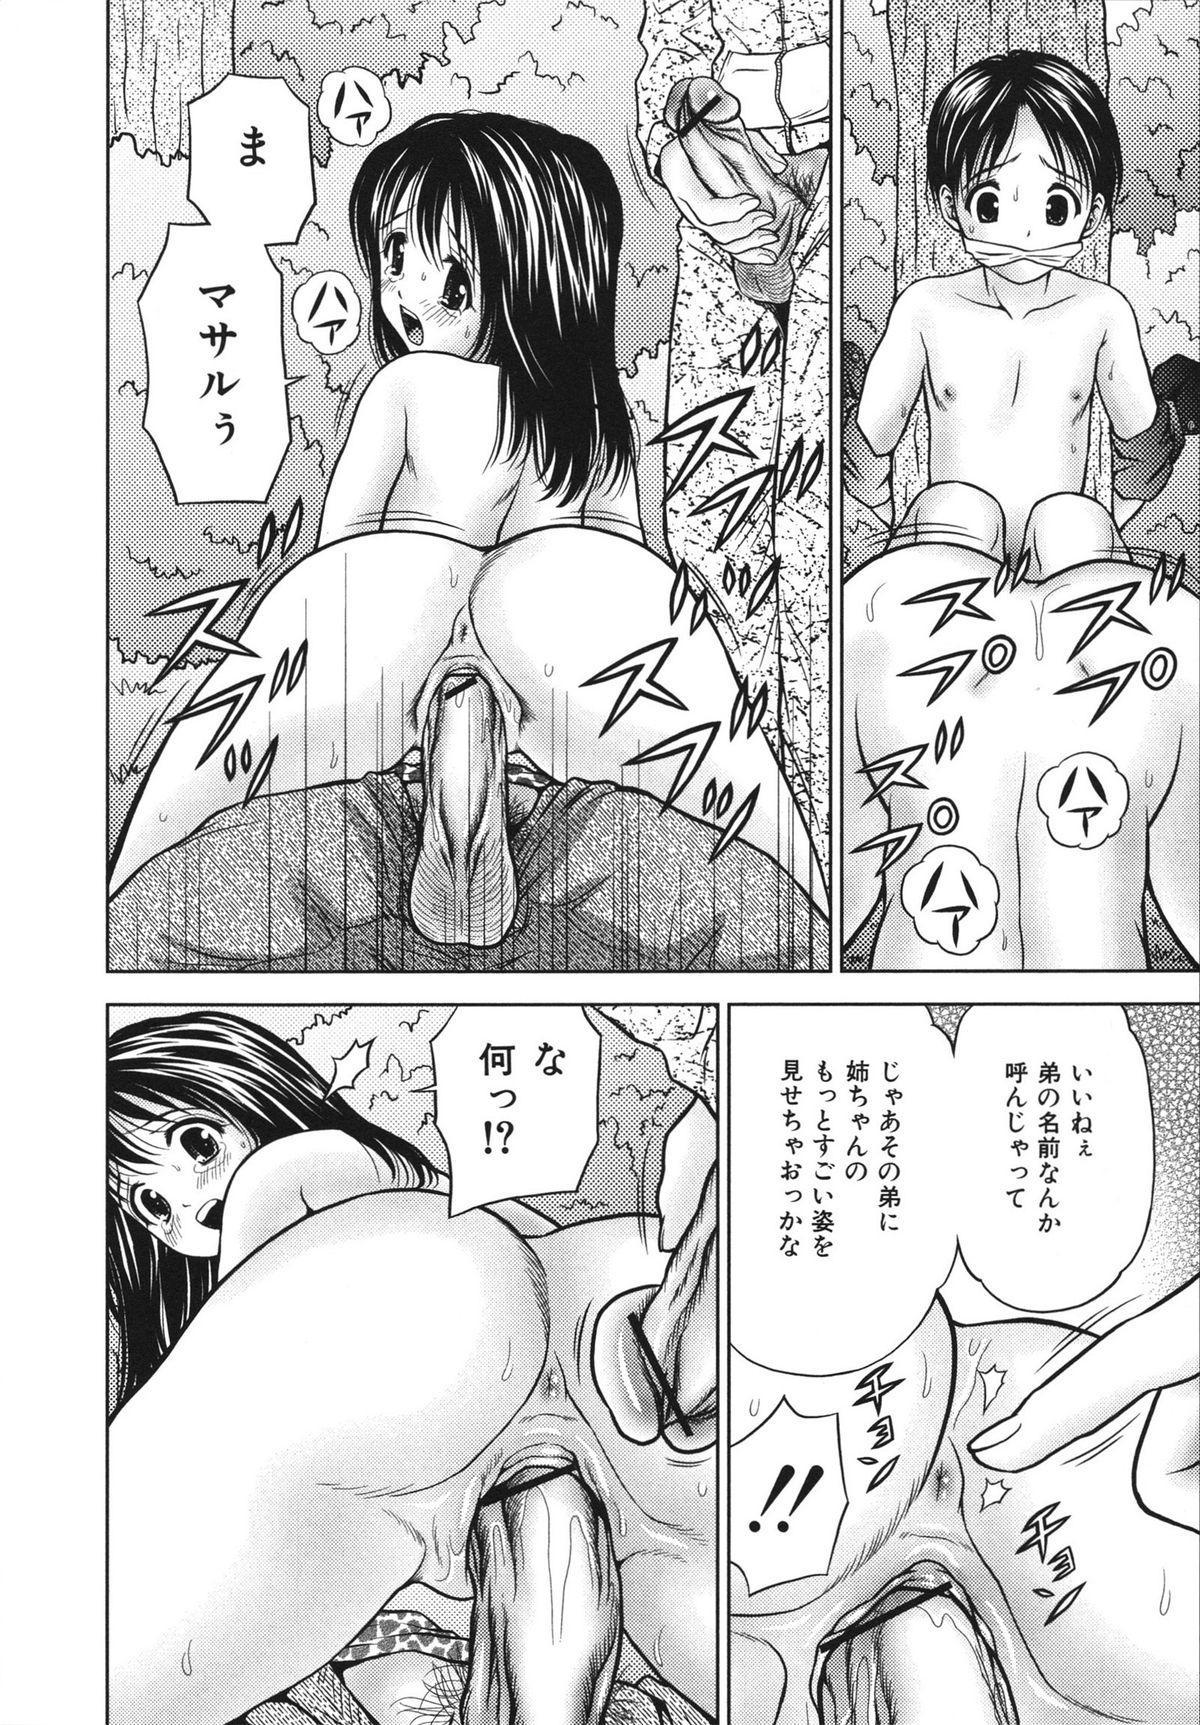 Houtai Shoujo - Bandage Girl 93